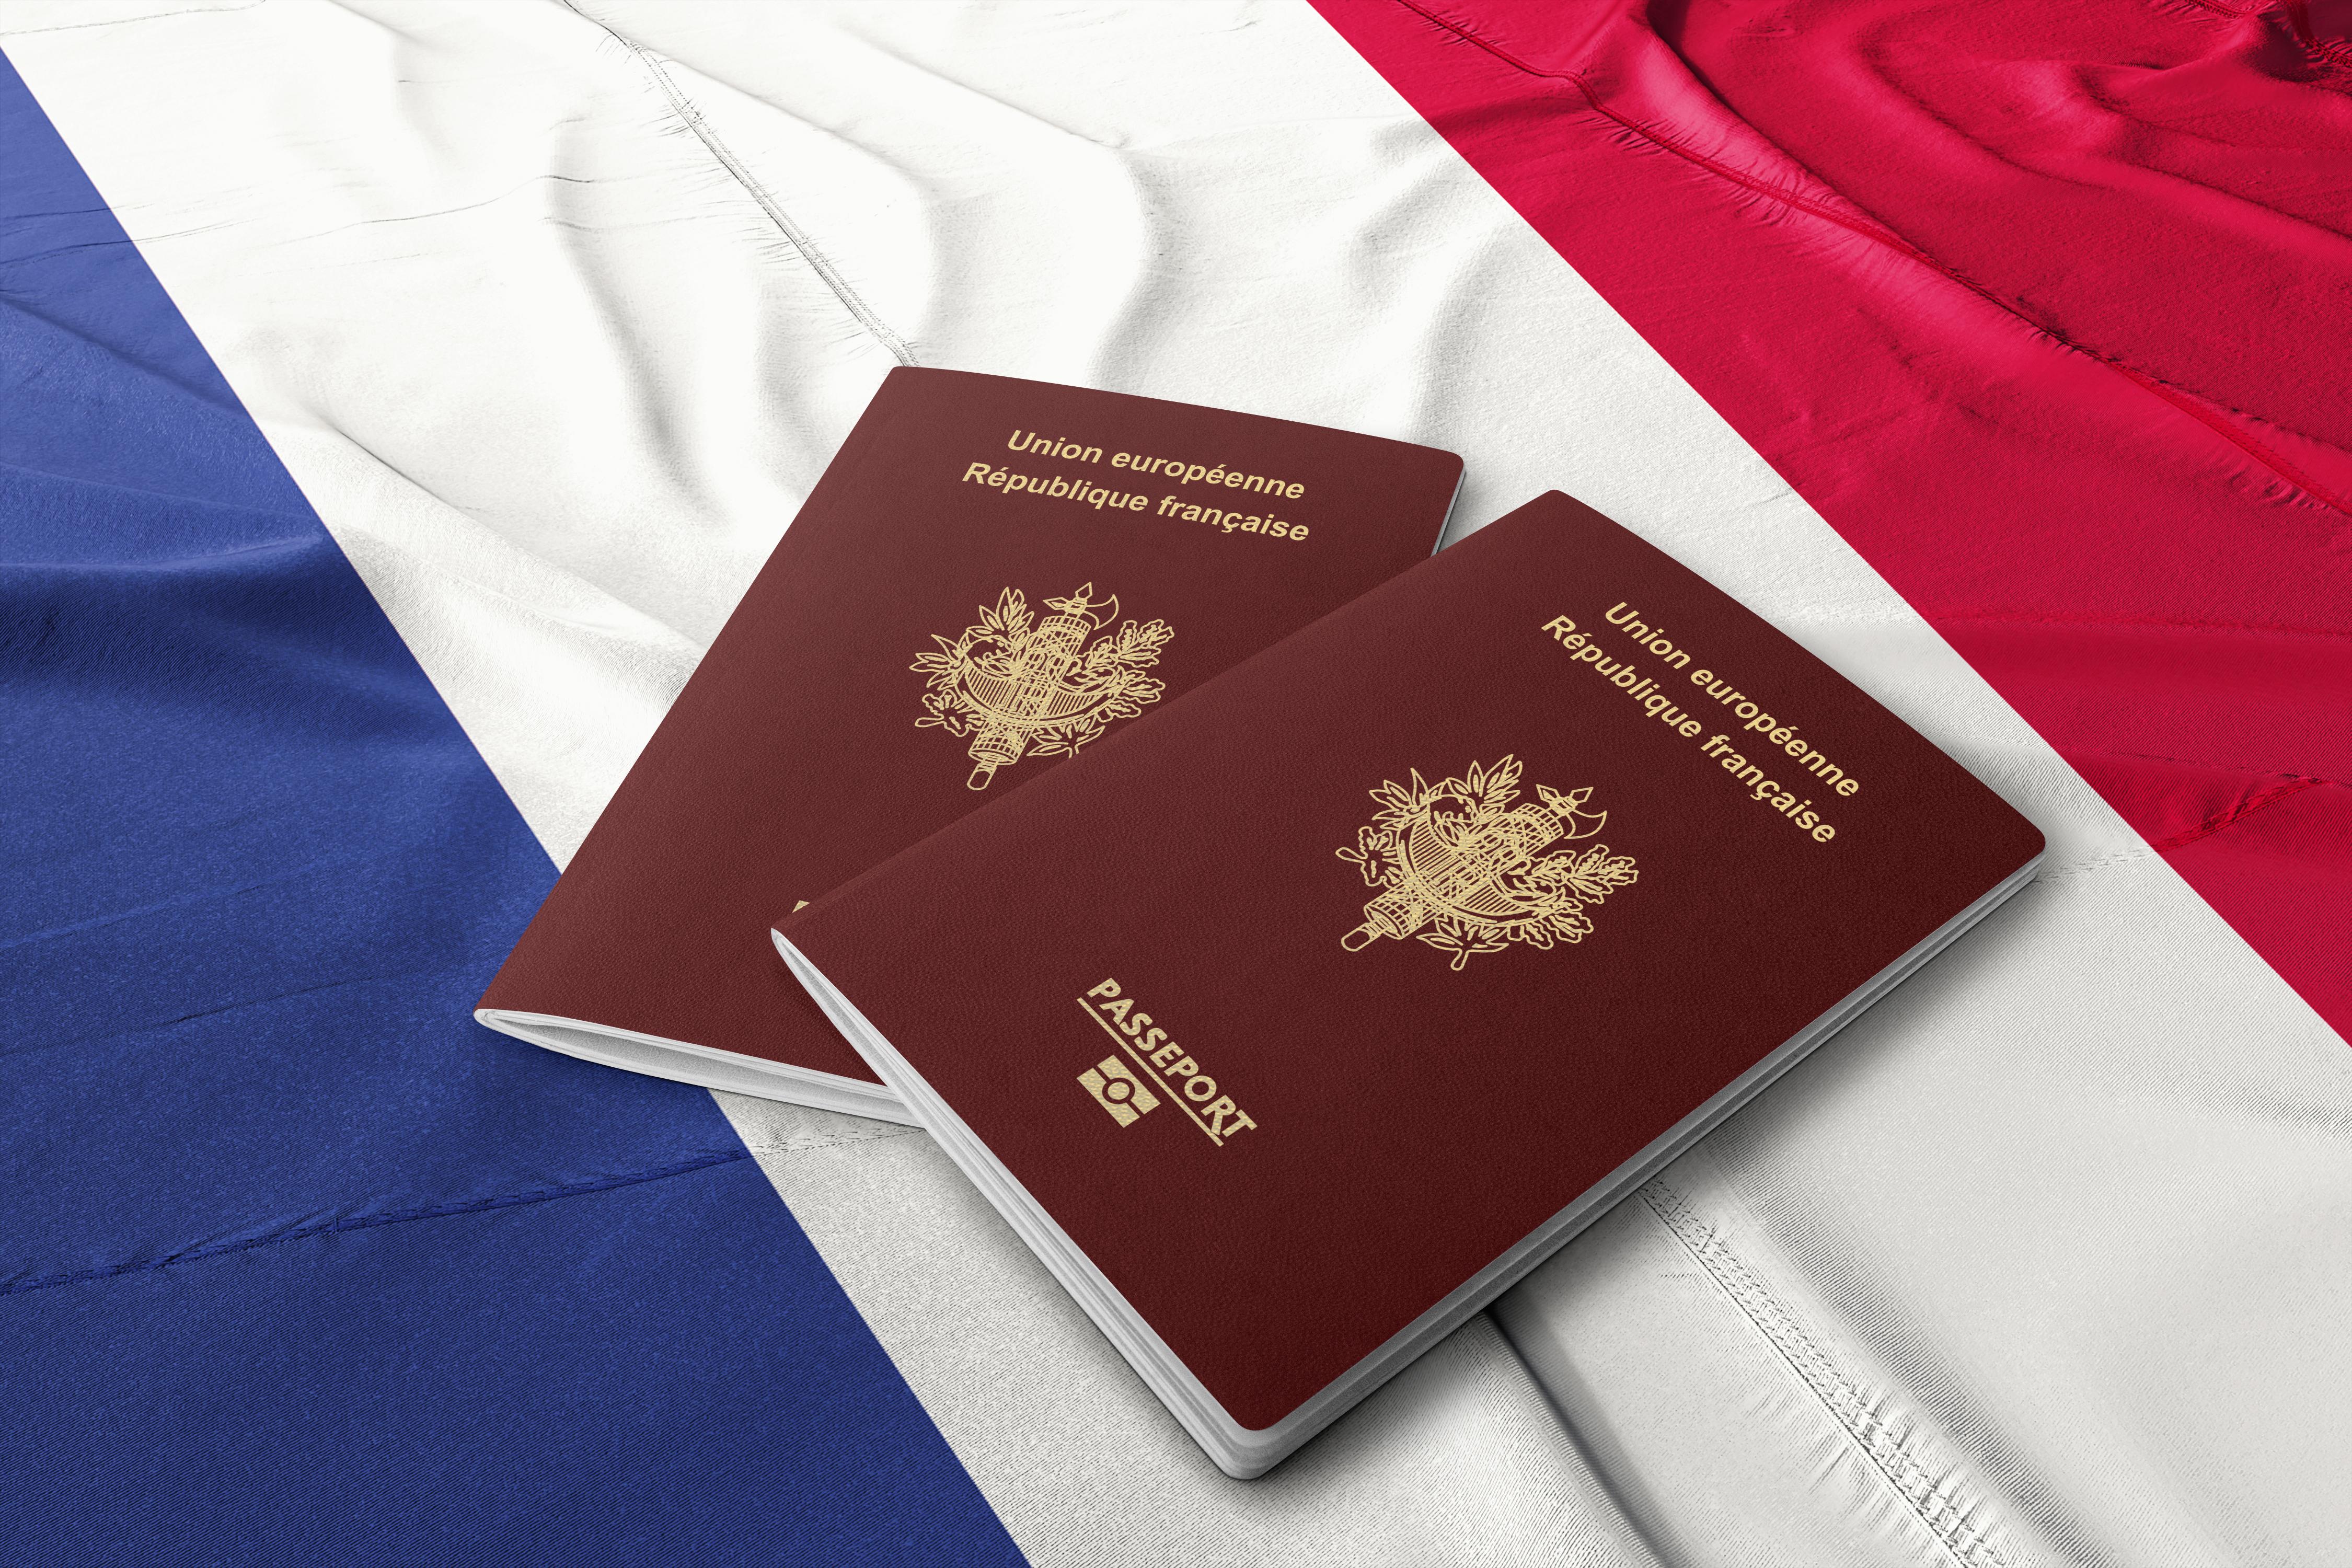 Флаг и паспорта Франции, гражданство которой могут получить иностранцы